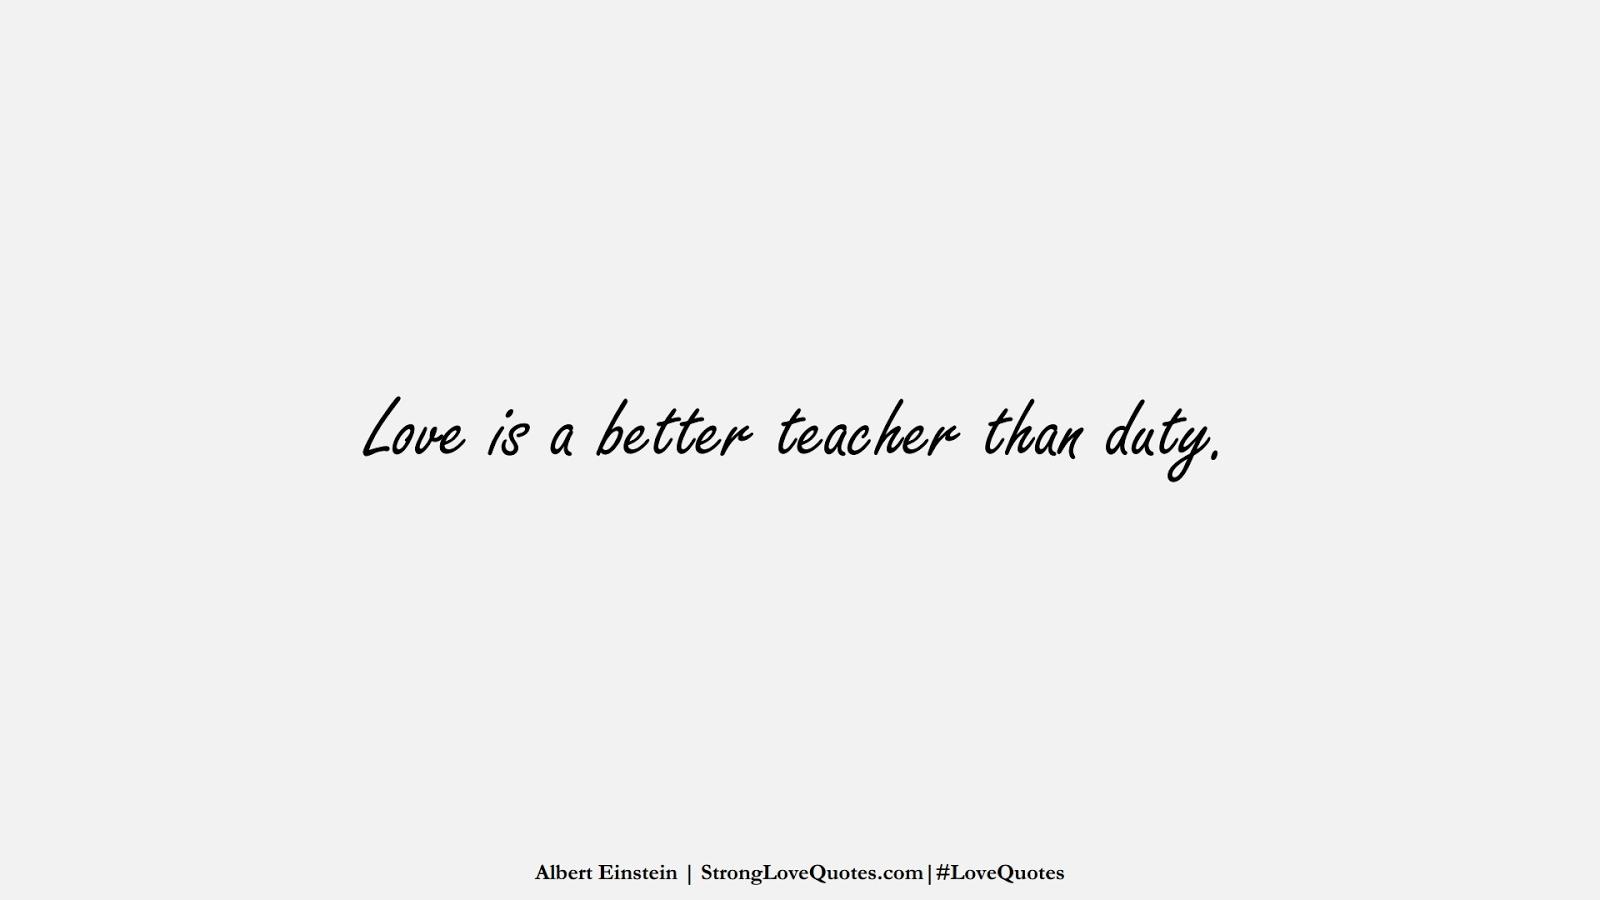 Love is a better teacher than duty. (Albert Einstein);  #LoveQuotes